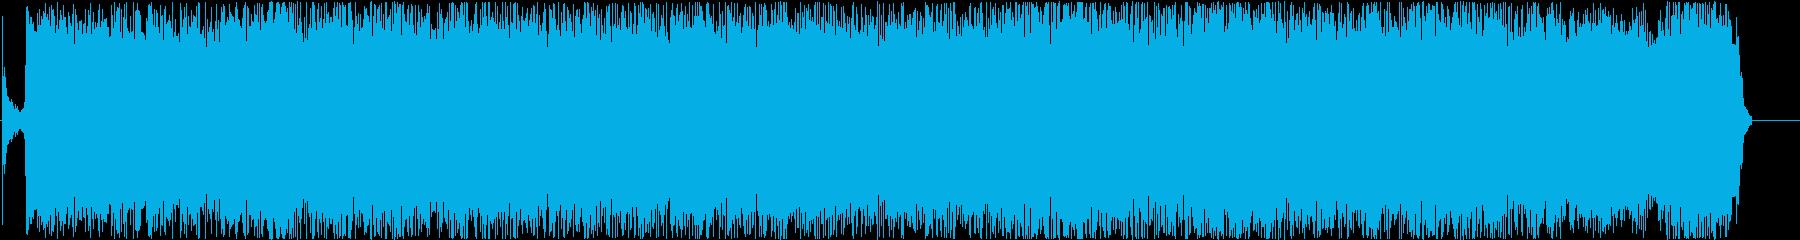 爽やかで少し切ないパンクロック#02の再生済みの波形